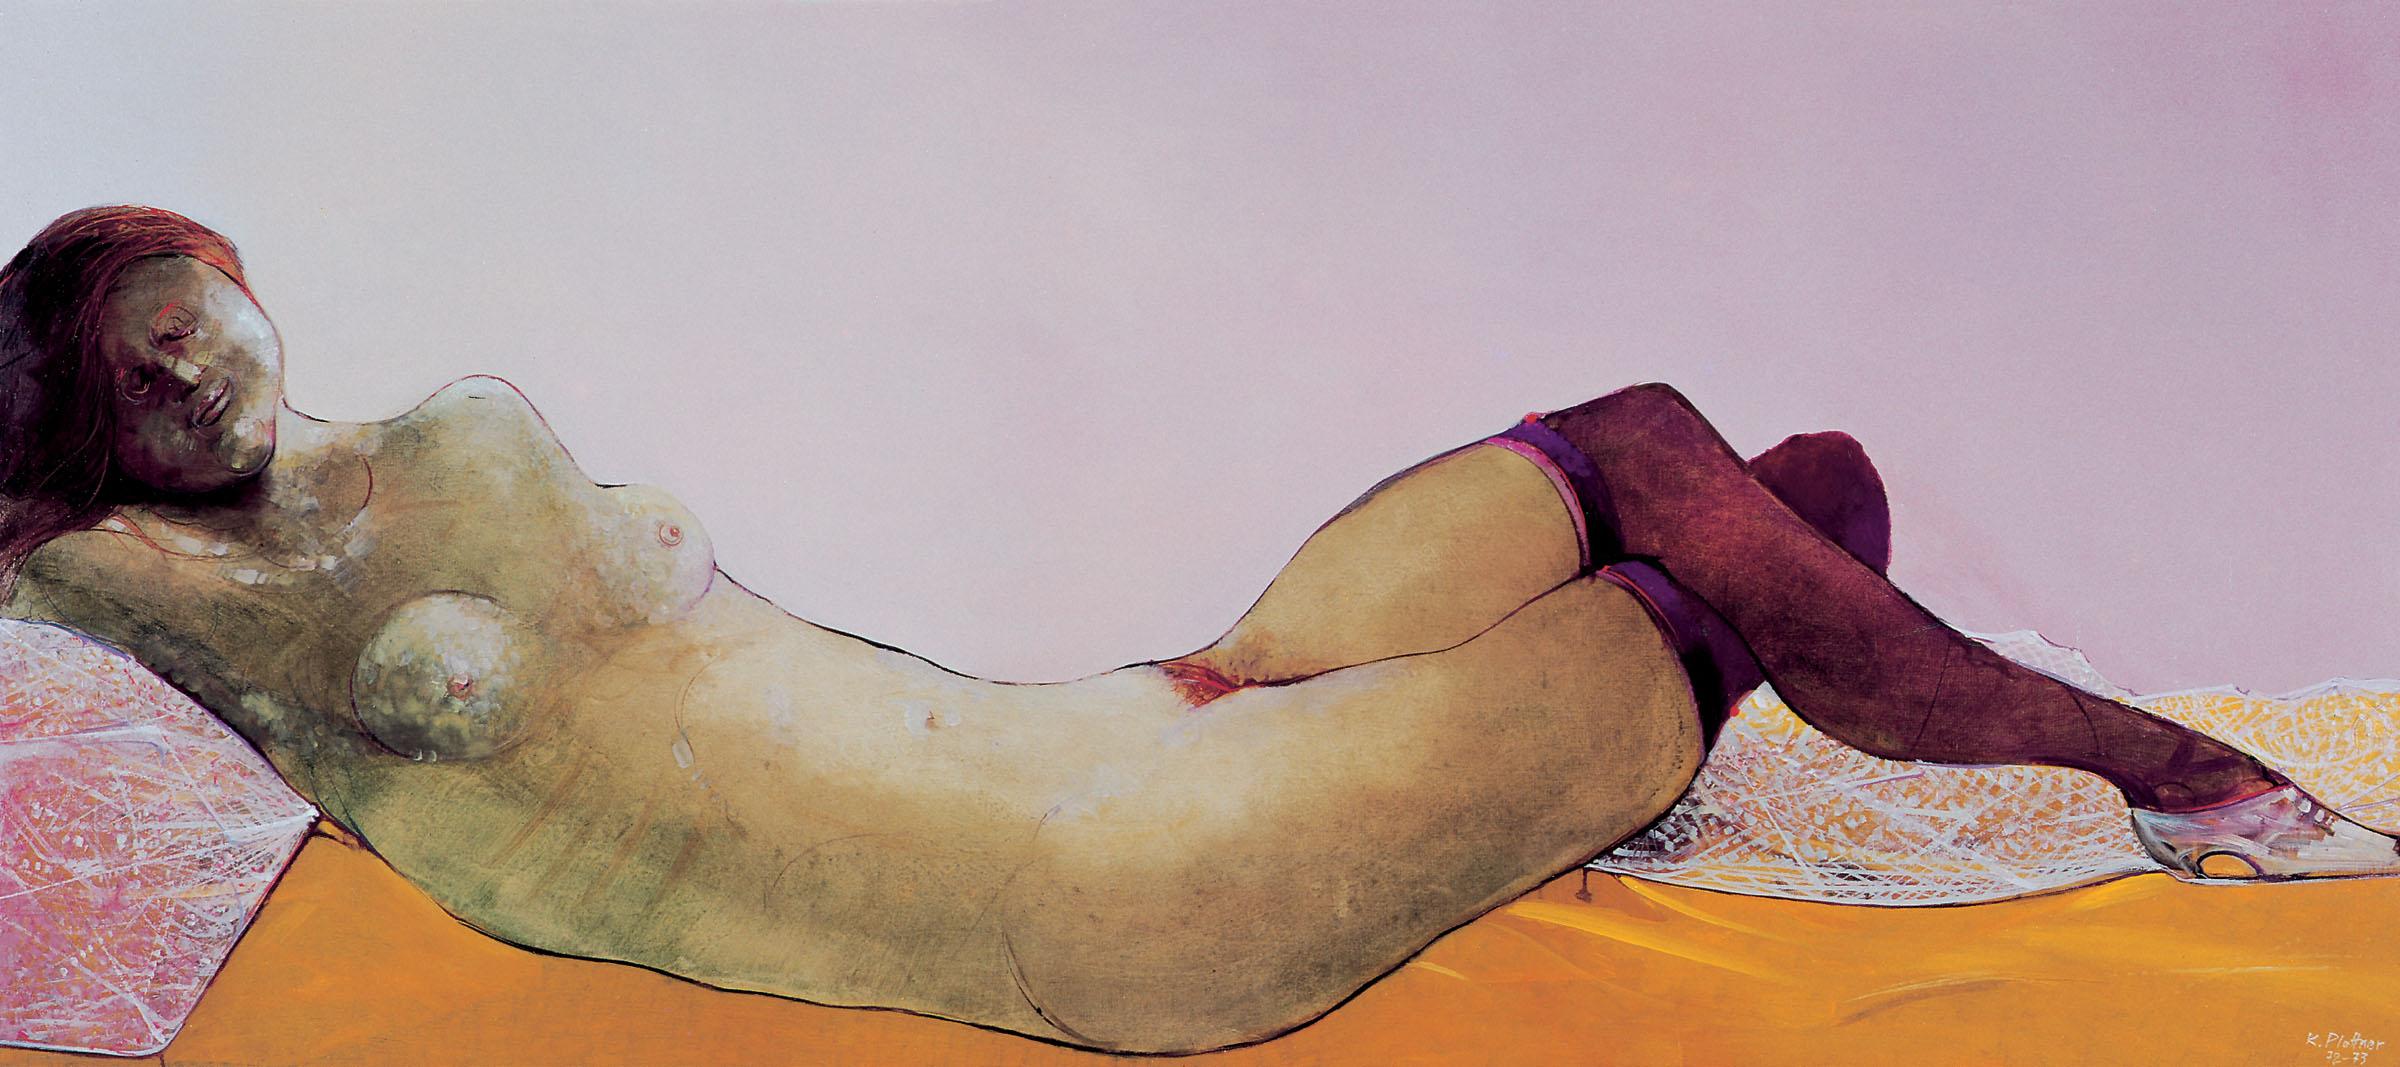 Karl Plattner, La bella addormentata, 1972-1973, Collezione privata Ennio Casciaro, Bolzano